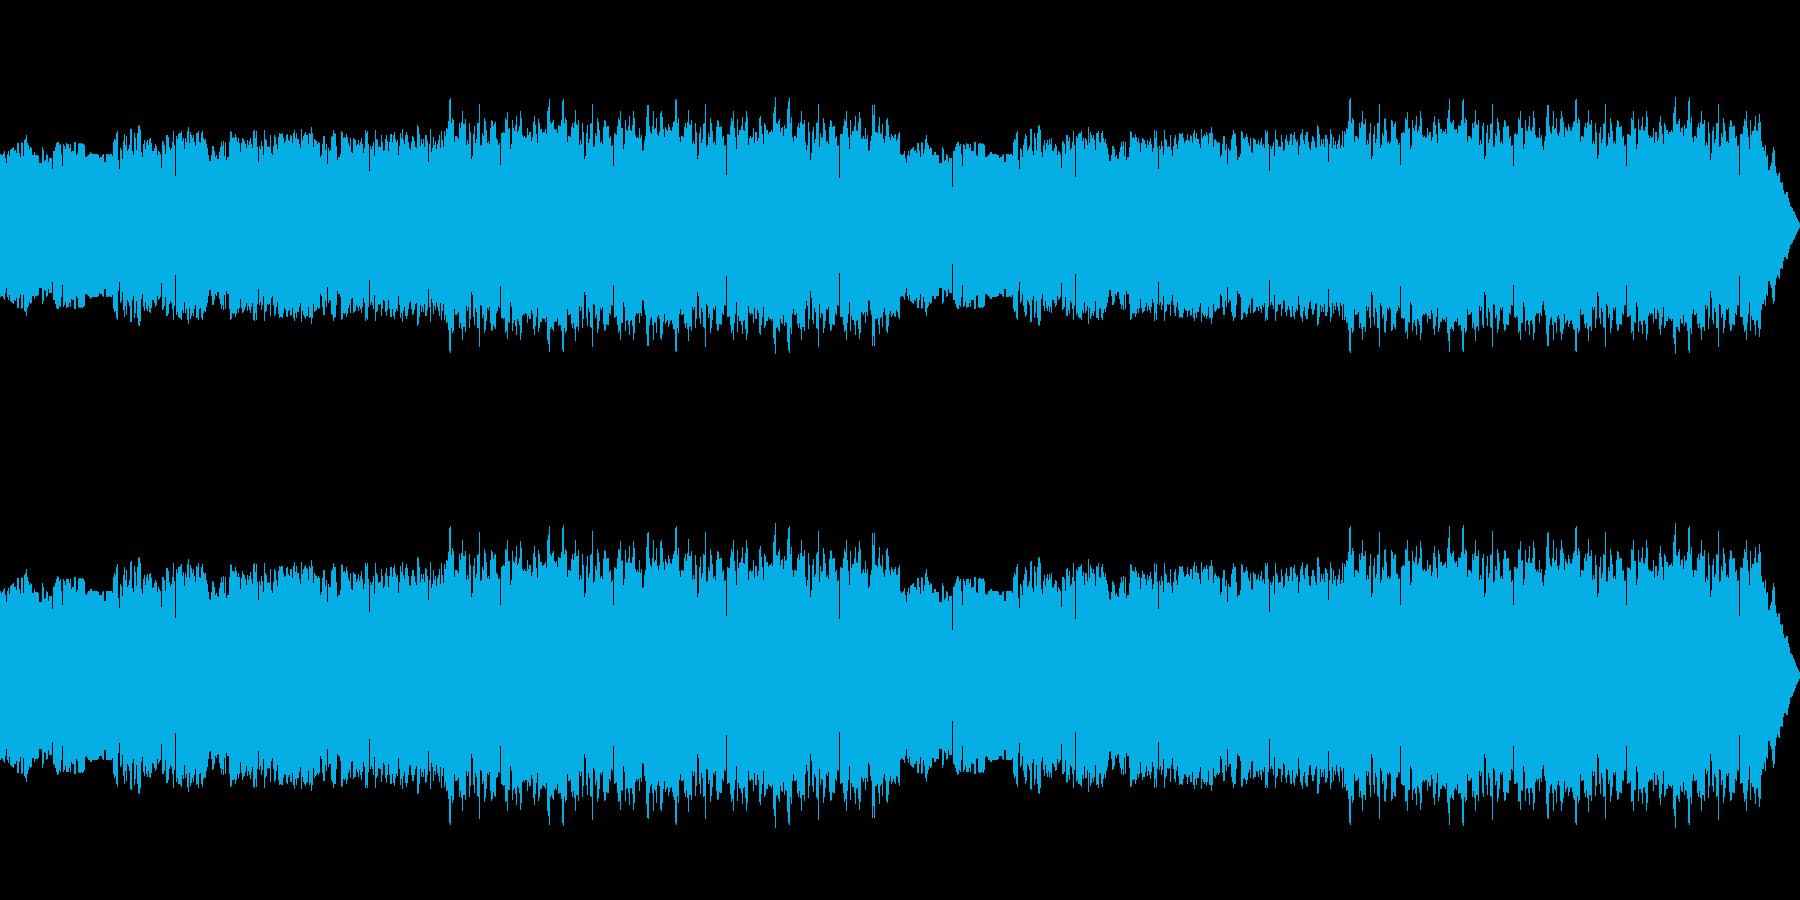 懐かしい雰囲気のフィールドBGMの再生済みの波形